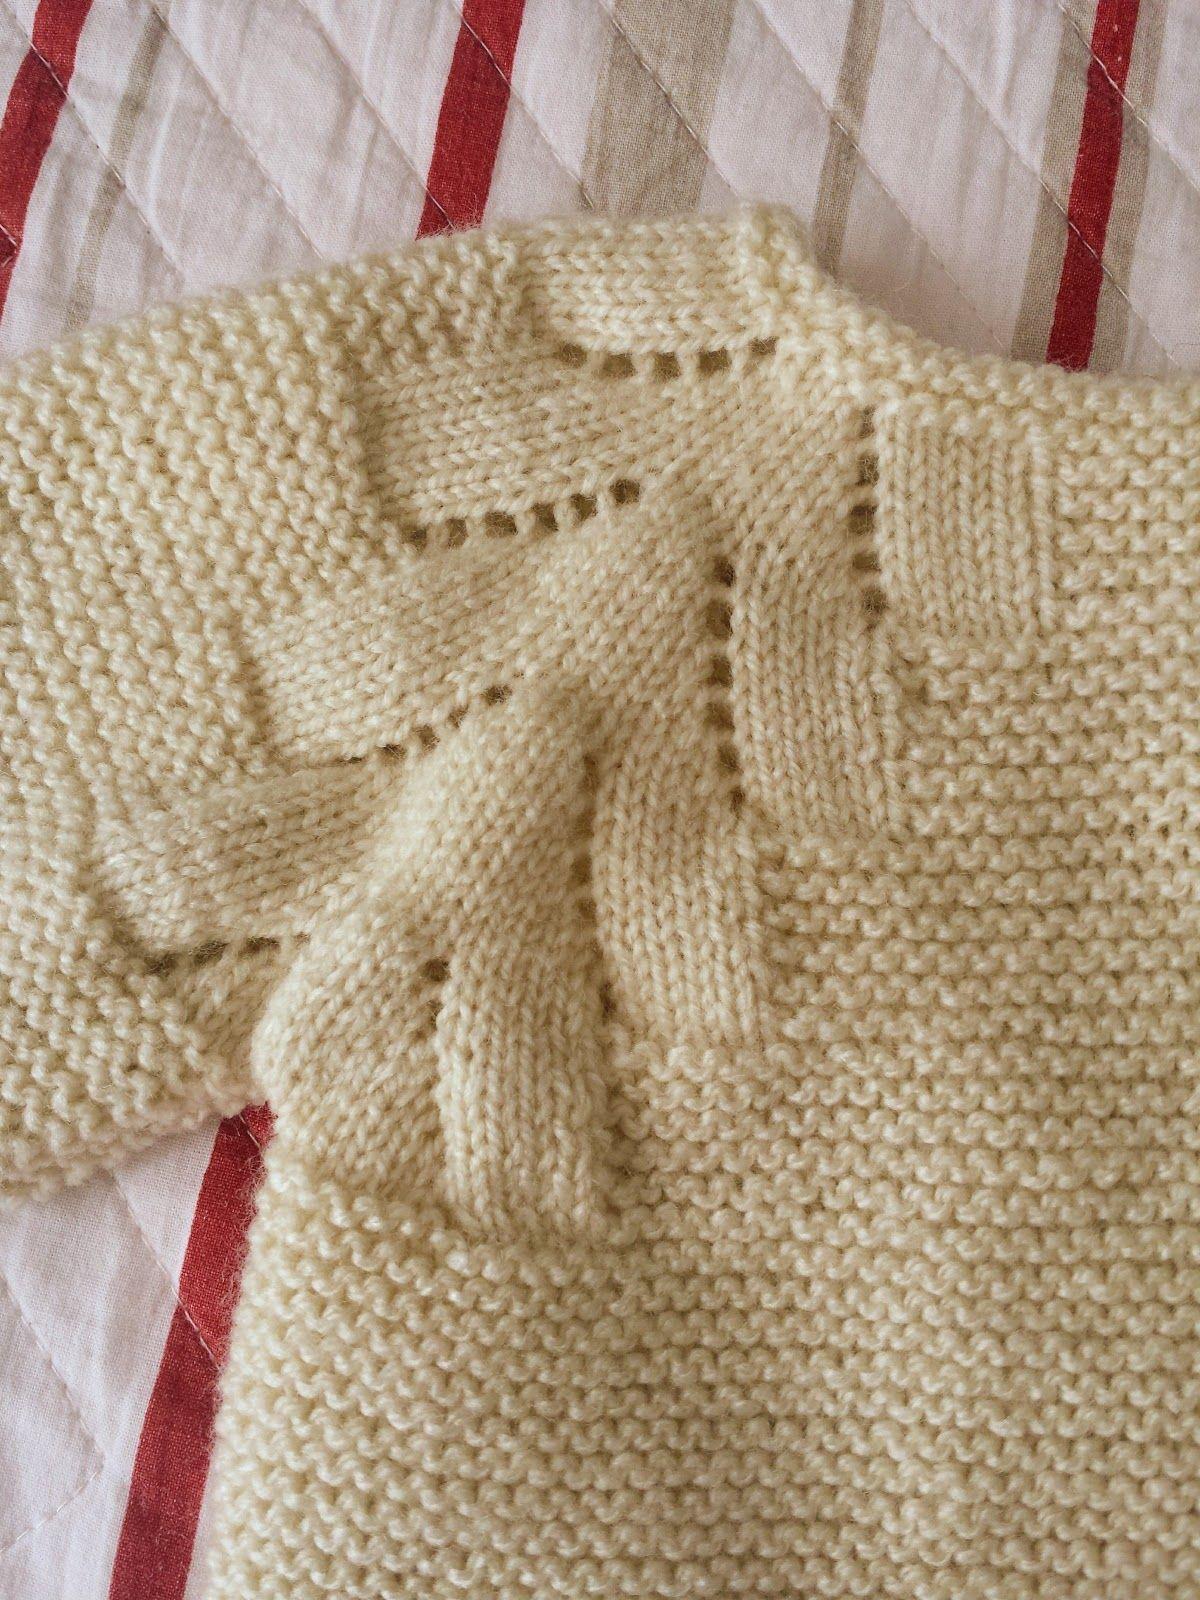 Casaco De Croche Passo A Passo E Com Grafico Casacos De Croche